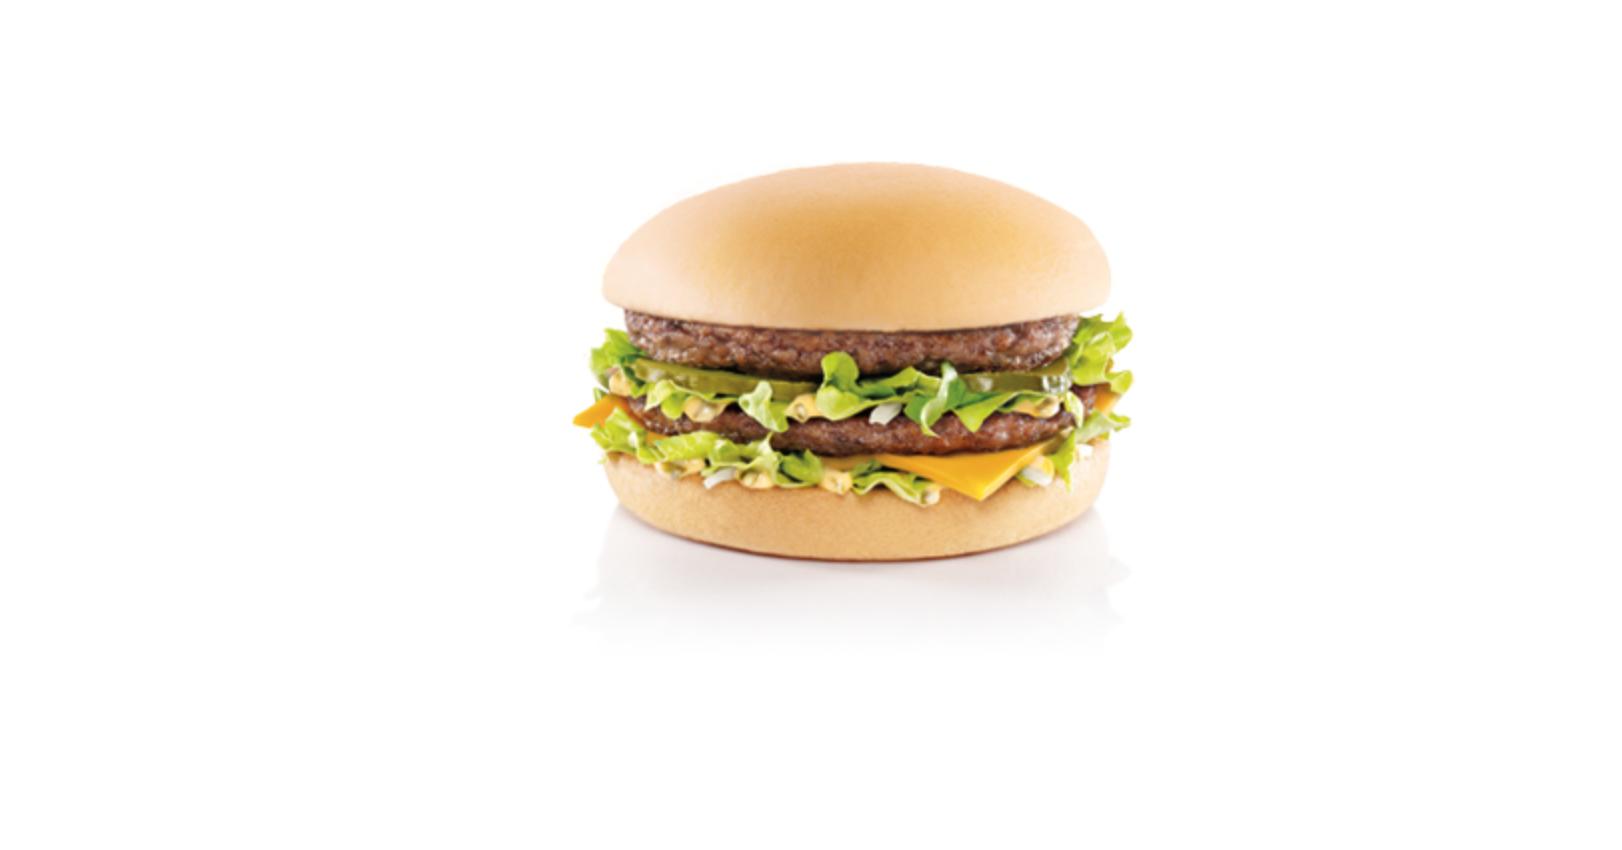 Le Big Mac sans Gluten existe chez McDonald's